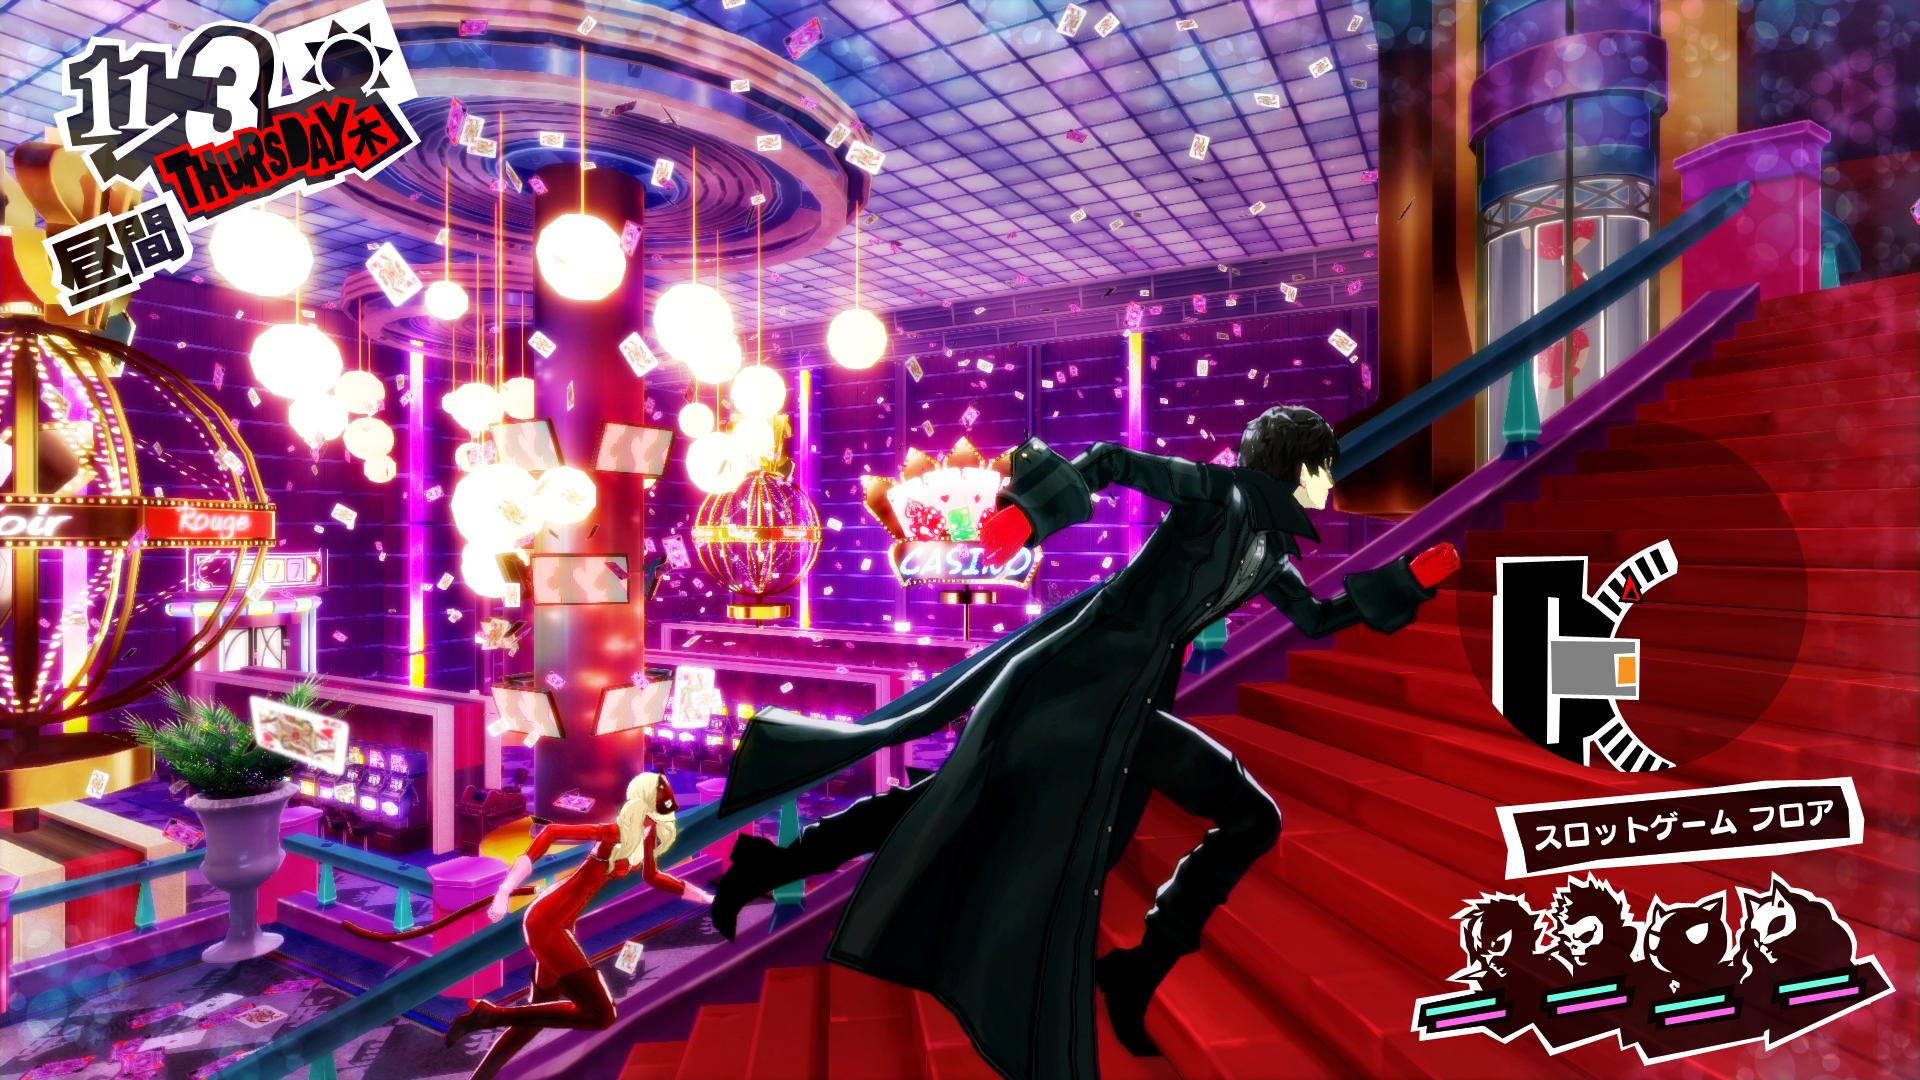 『ペルソナ5』ゲーム画面